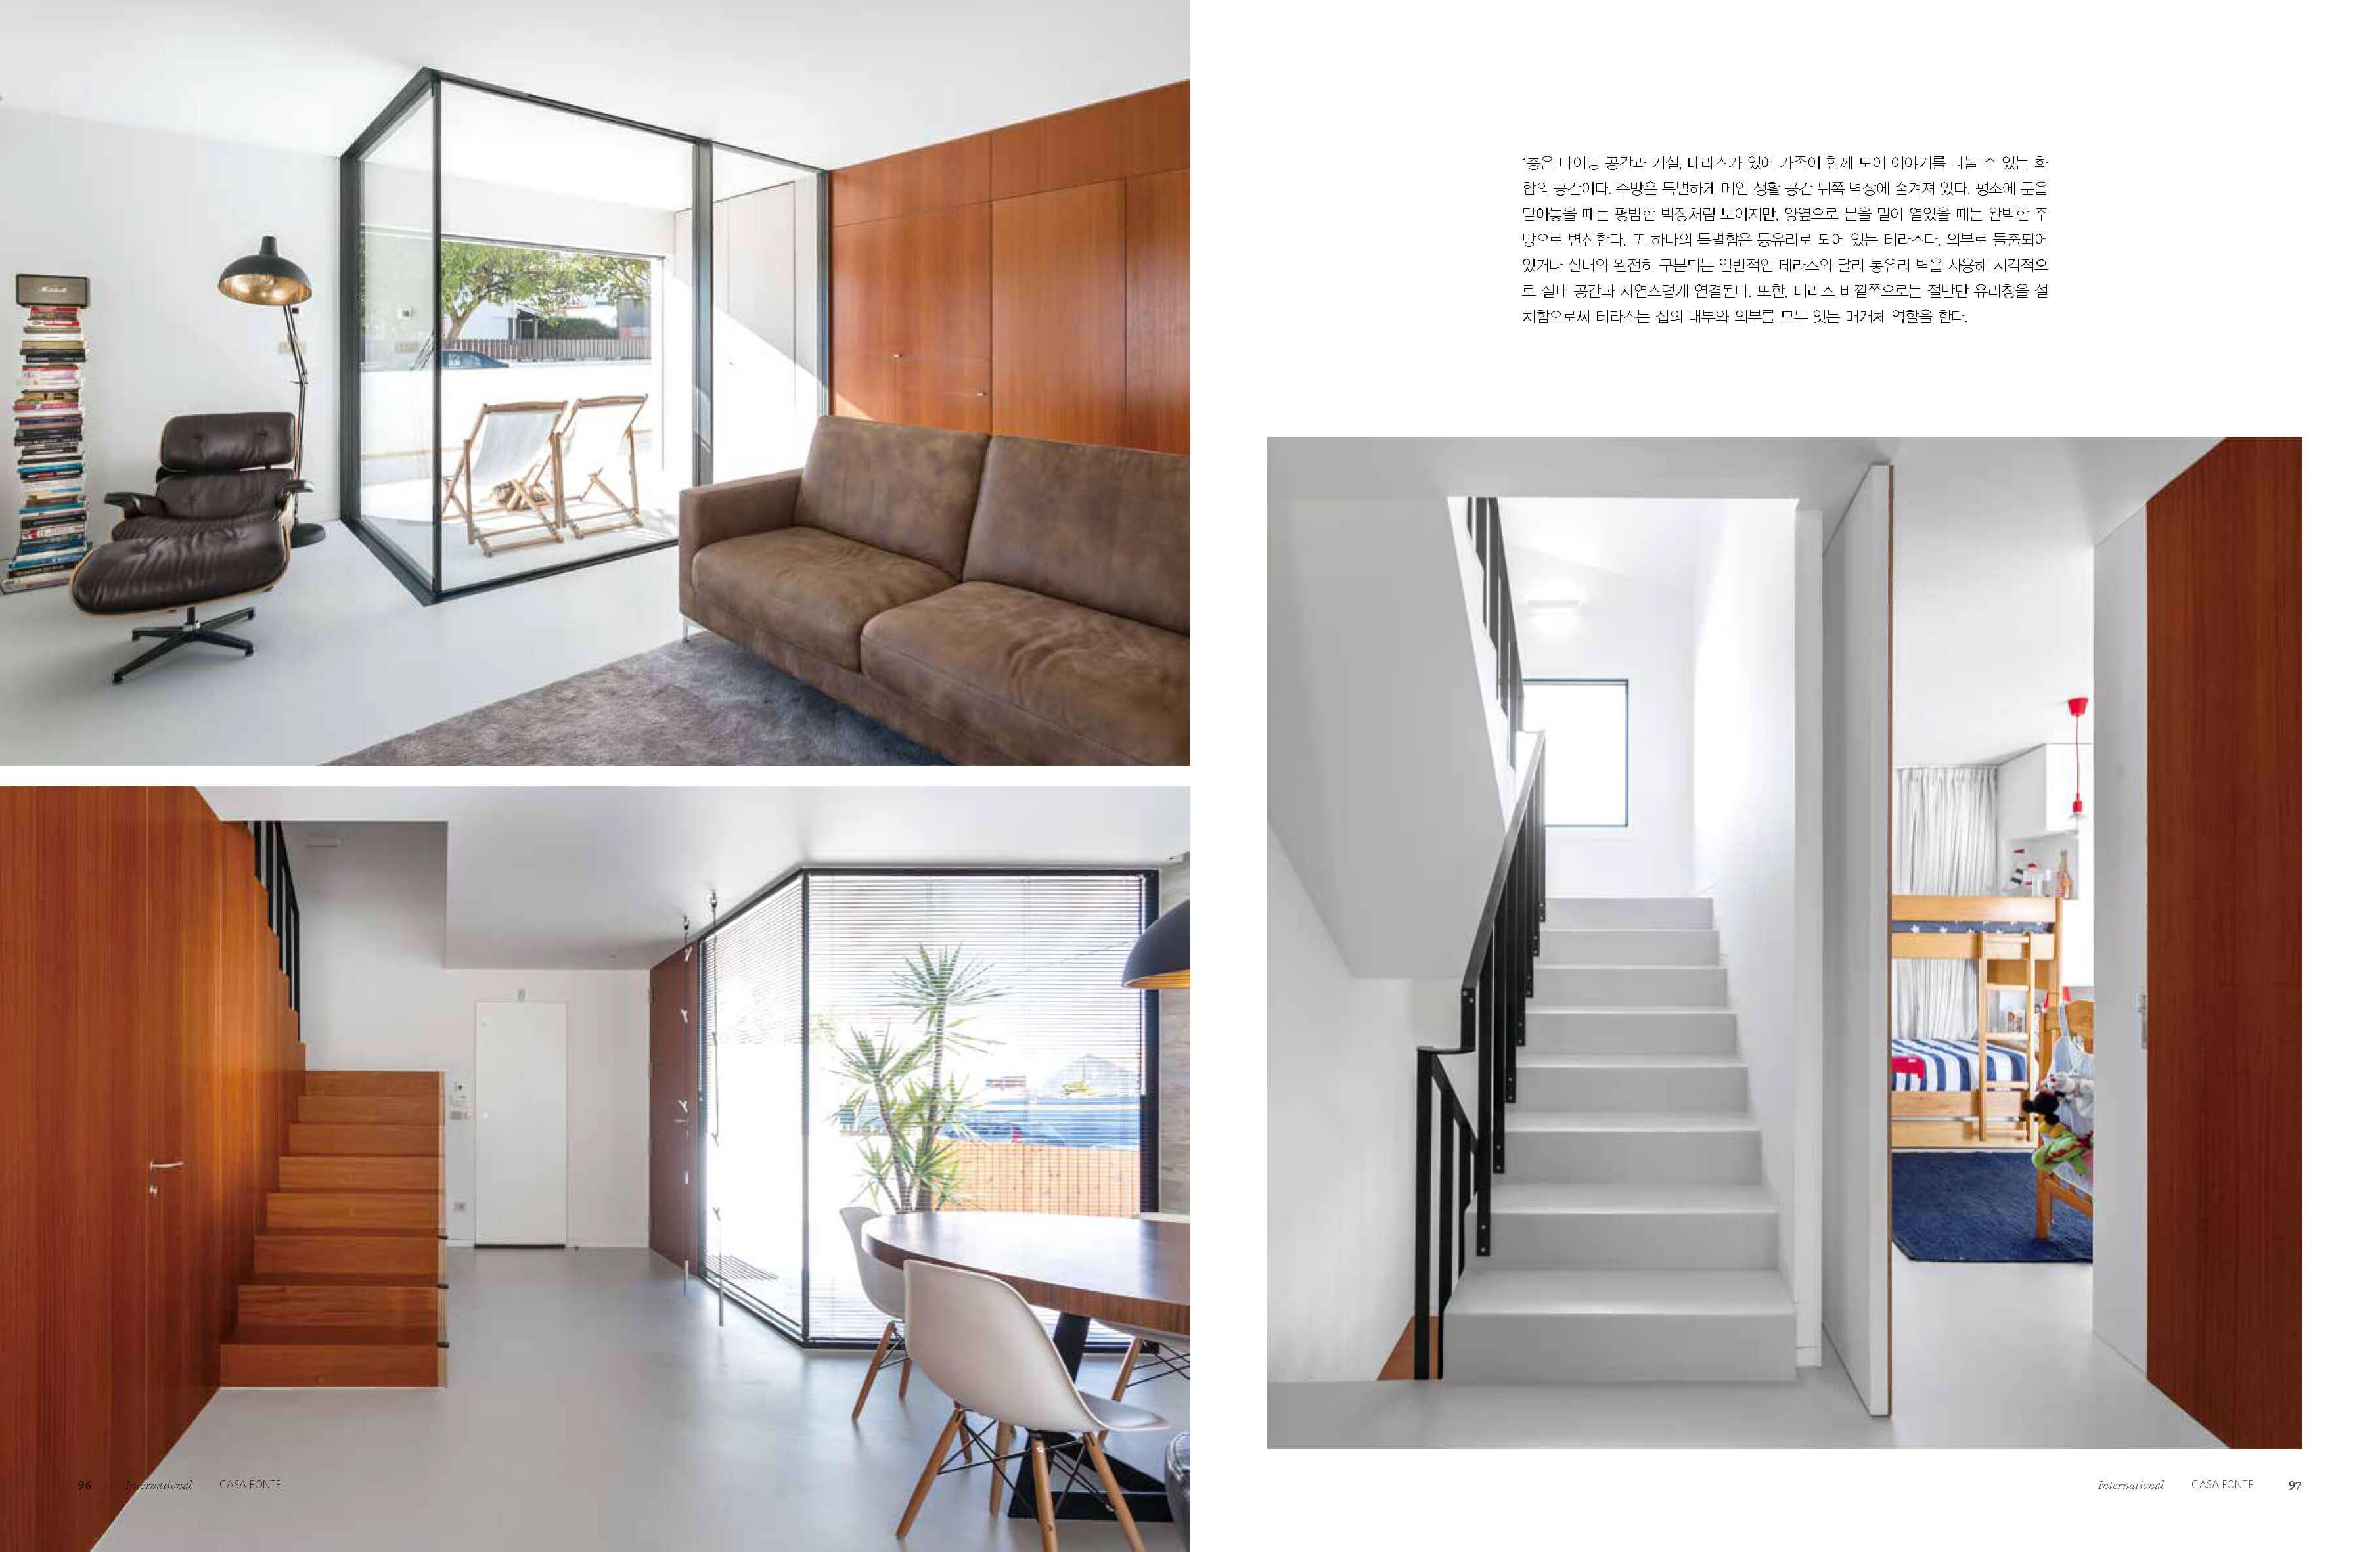 Deco Jornal Revista Arquitetura Lousinha Arquitectos Página 4 do fotografo Ivo Tavares Studio